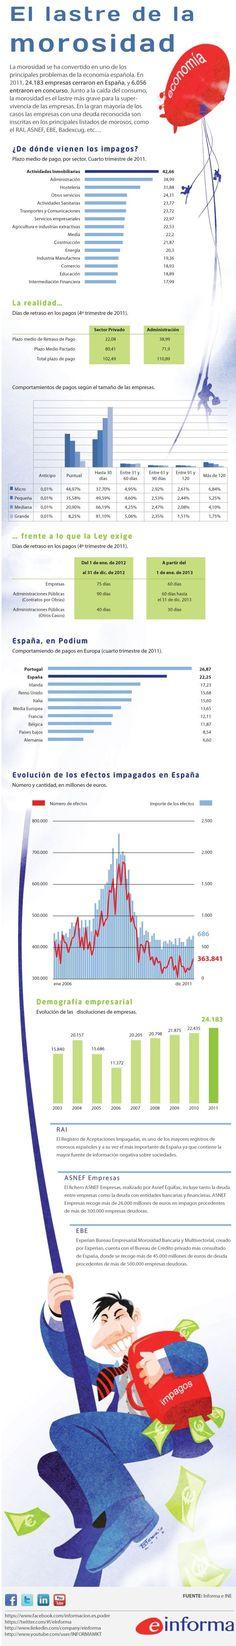 Morosidad en España. La infografía se estructura en cinco grandes bloques: orígen sectorial de los impagos, periodo reales y legales de pago, comparativa internacional, evolución de los efectos impagados, así como de las disoluciones de empresas.